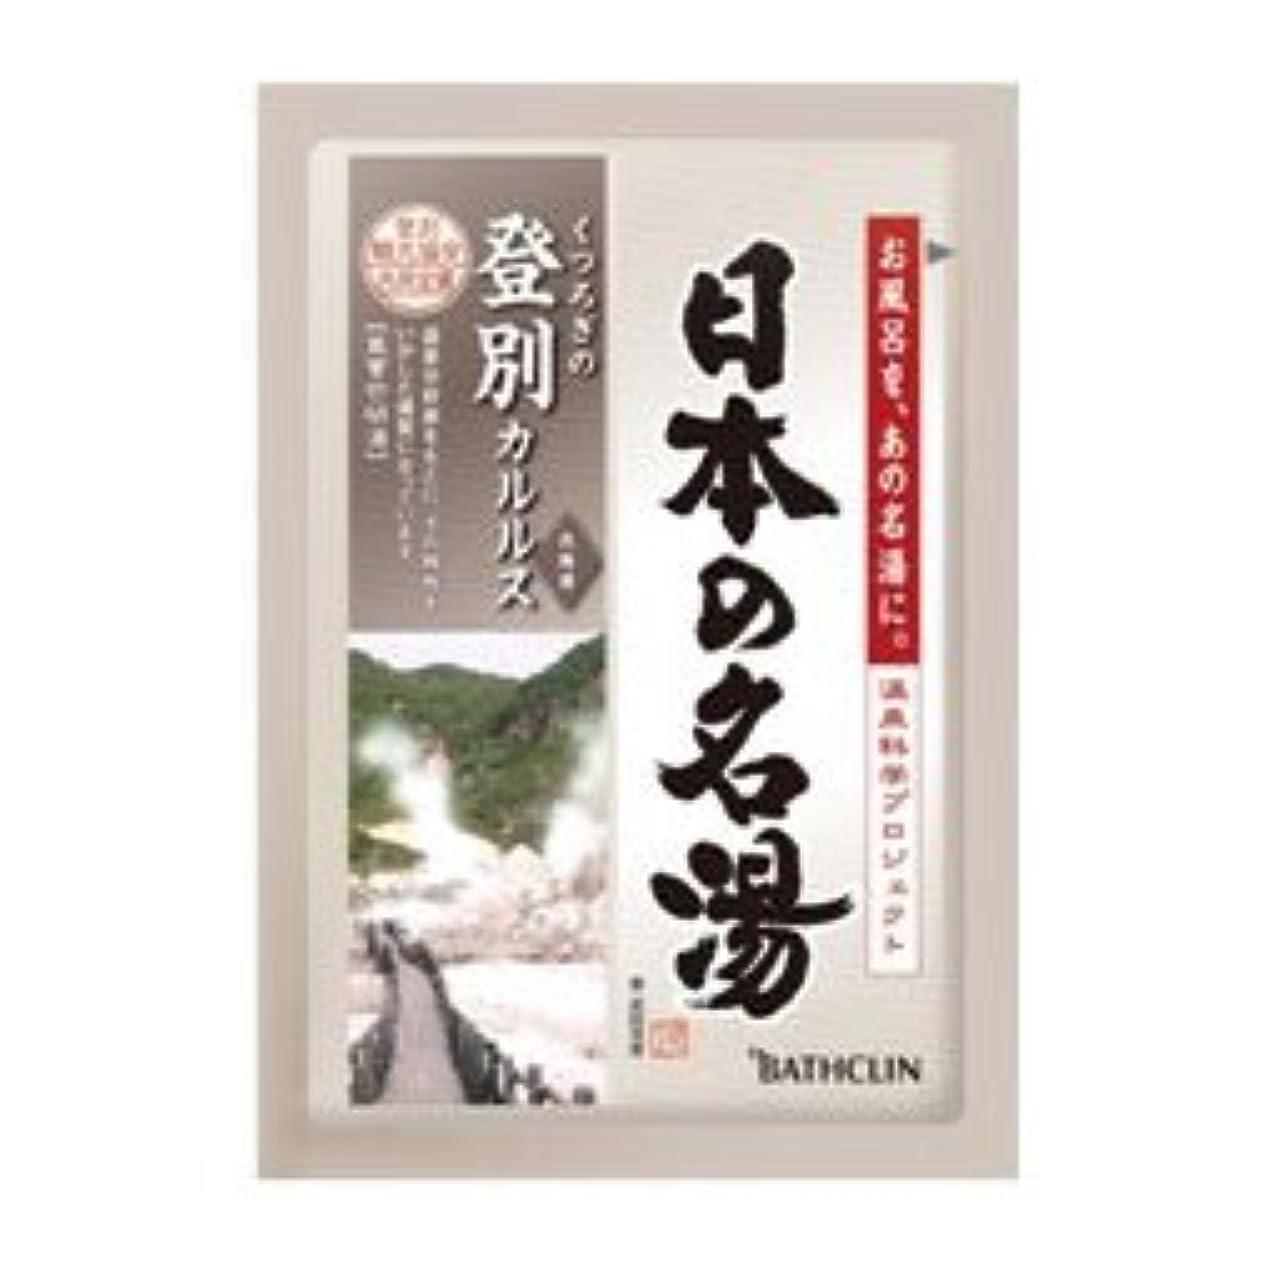 切断する恐ろしいですミトンバスクリン 日本の名湯 登別カルルス 1包 医薬部外品 入浴剤×120点セット (4548514134980)